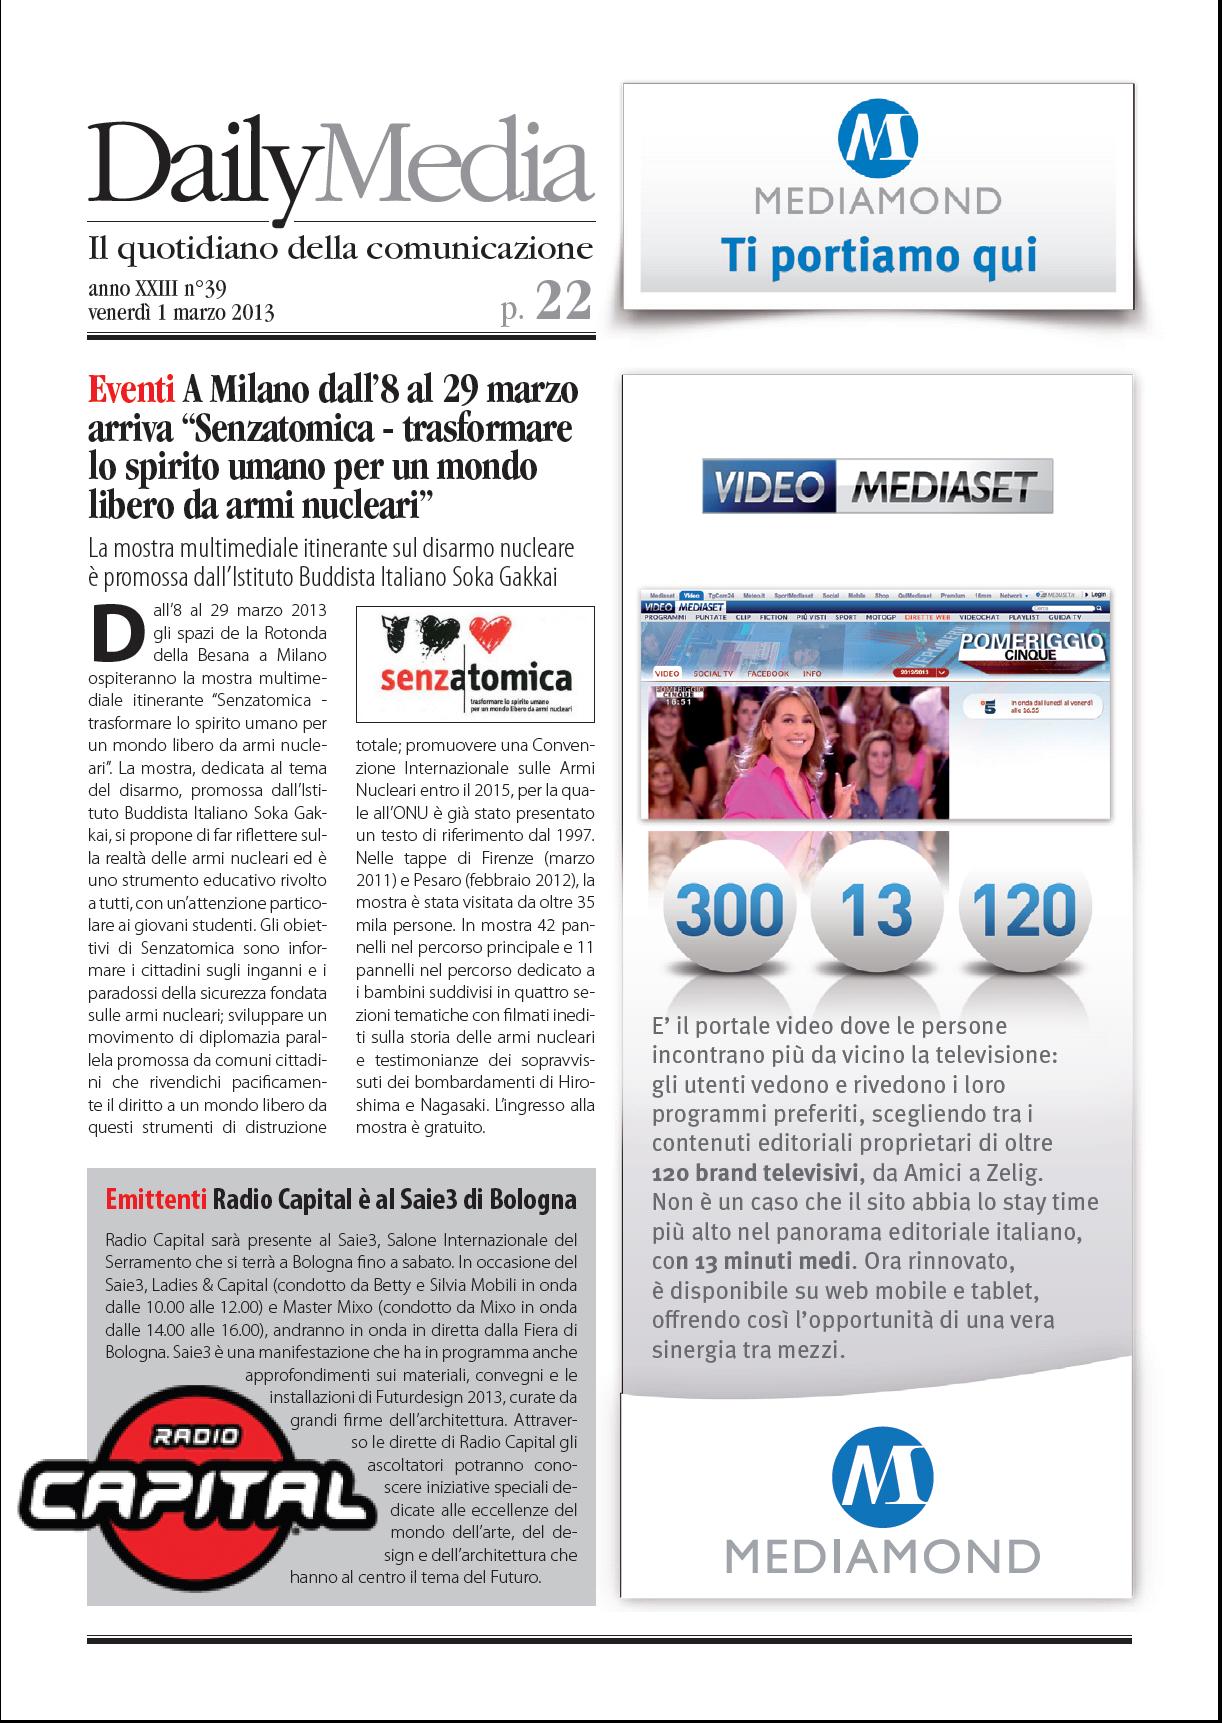 2013-03-01 Daily Media